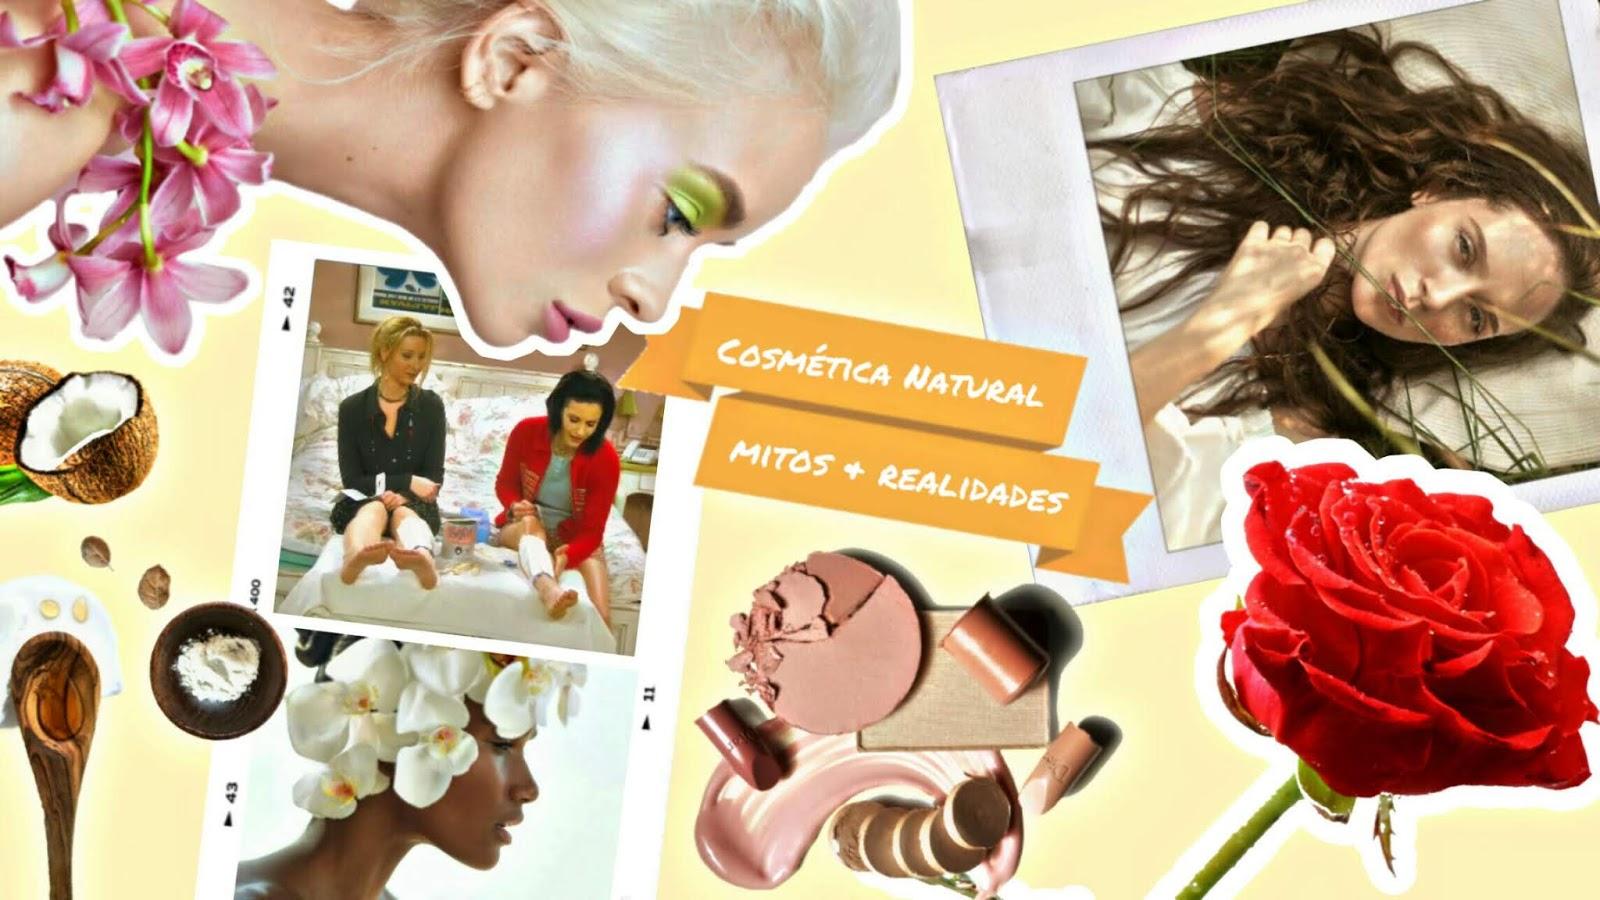 Mitos y realidades acerca de la cosmética natural